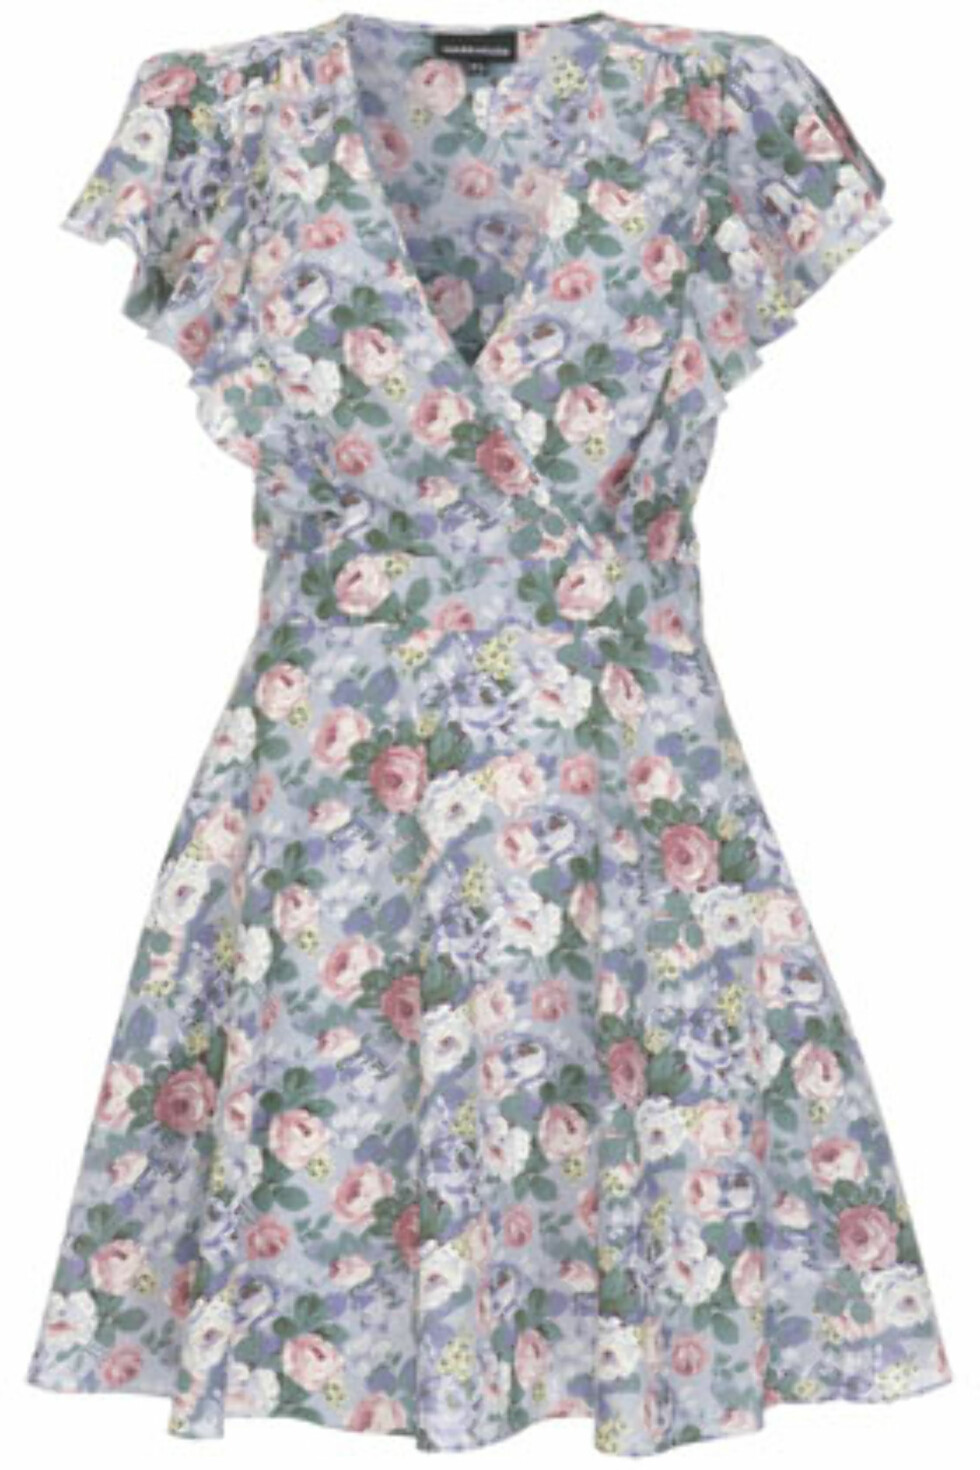 Sommerens nydeligste blomsterkjole? Perfekt for deg med timeglassfigur (kr 300, Warehouse).